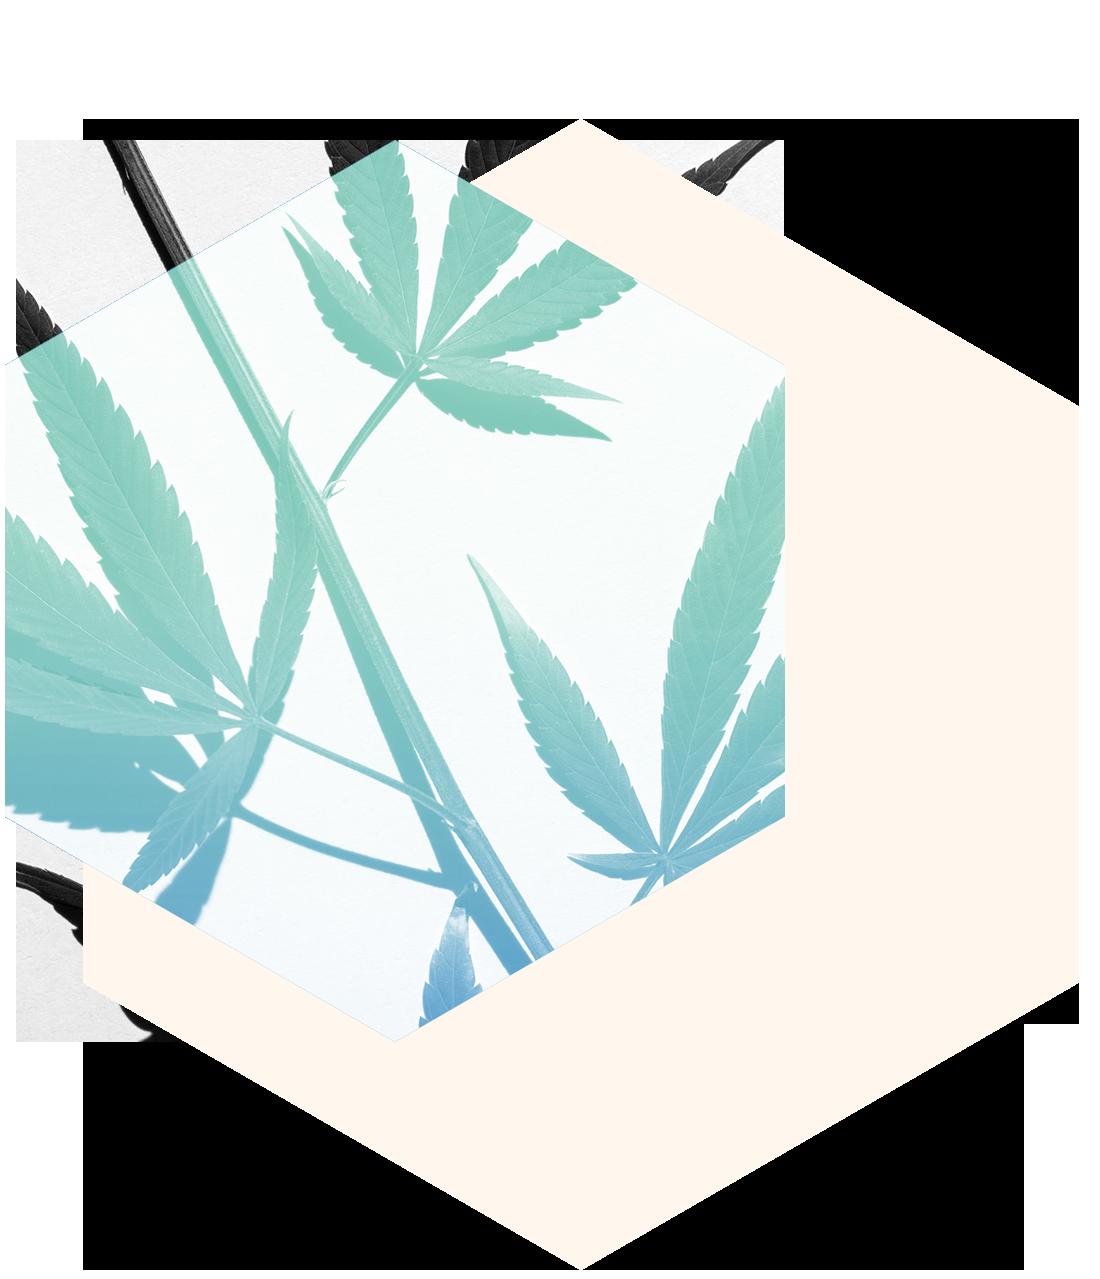 Mission - Präzision ist unsere oberste Prämisse.Trichoma sorgt für Transparenz im Geschäft mit Cannabis. Wir vereinen hochsensible Messverfahren mit grosser Erfahrung in der Laboranalyse und bieten deshalb Messresultate mit marktführender Exaktheit. Dank den präzisen Messungen von Trichoma können sich Endkonsumenten auf die Reinheit und Natürlichkeit von Hanfprodukten verlassen.